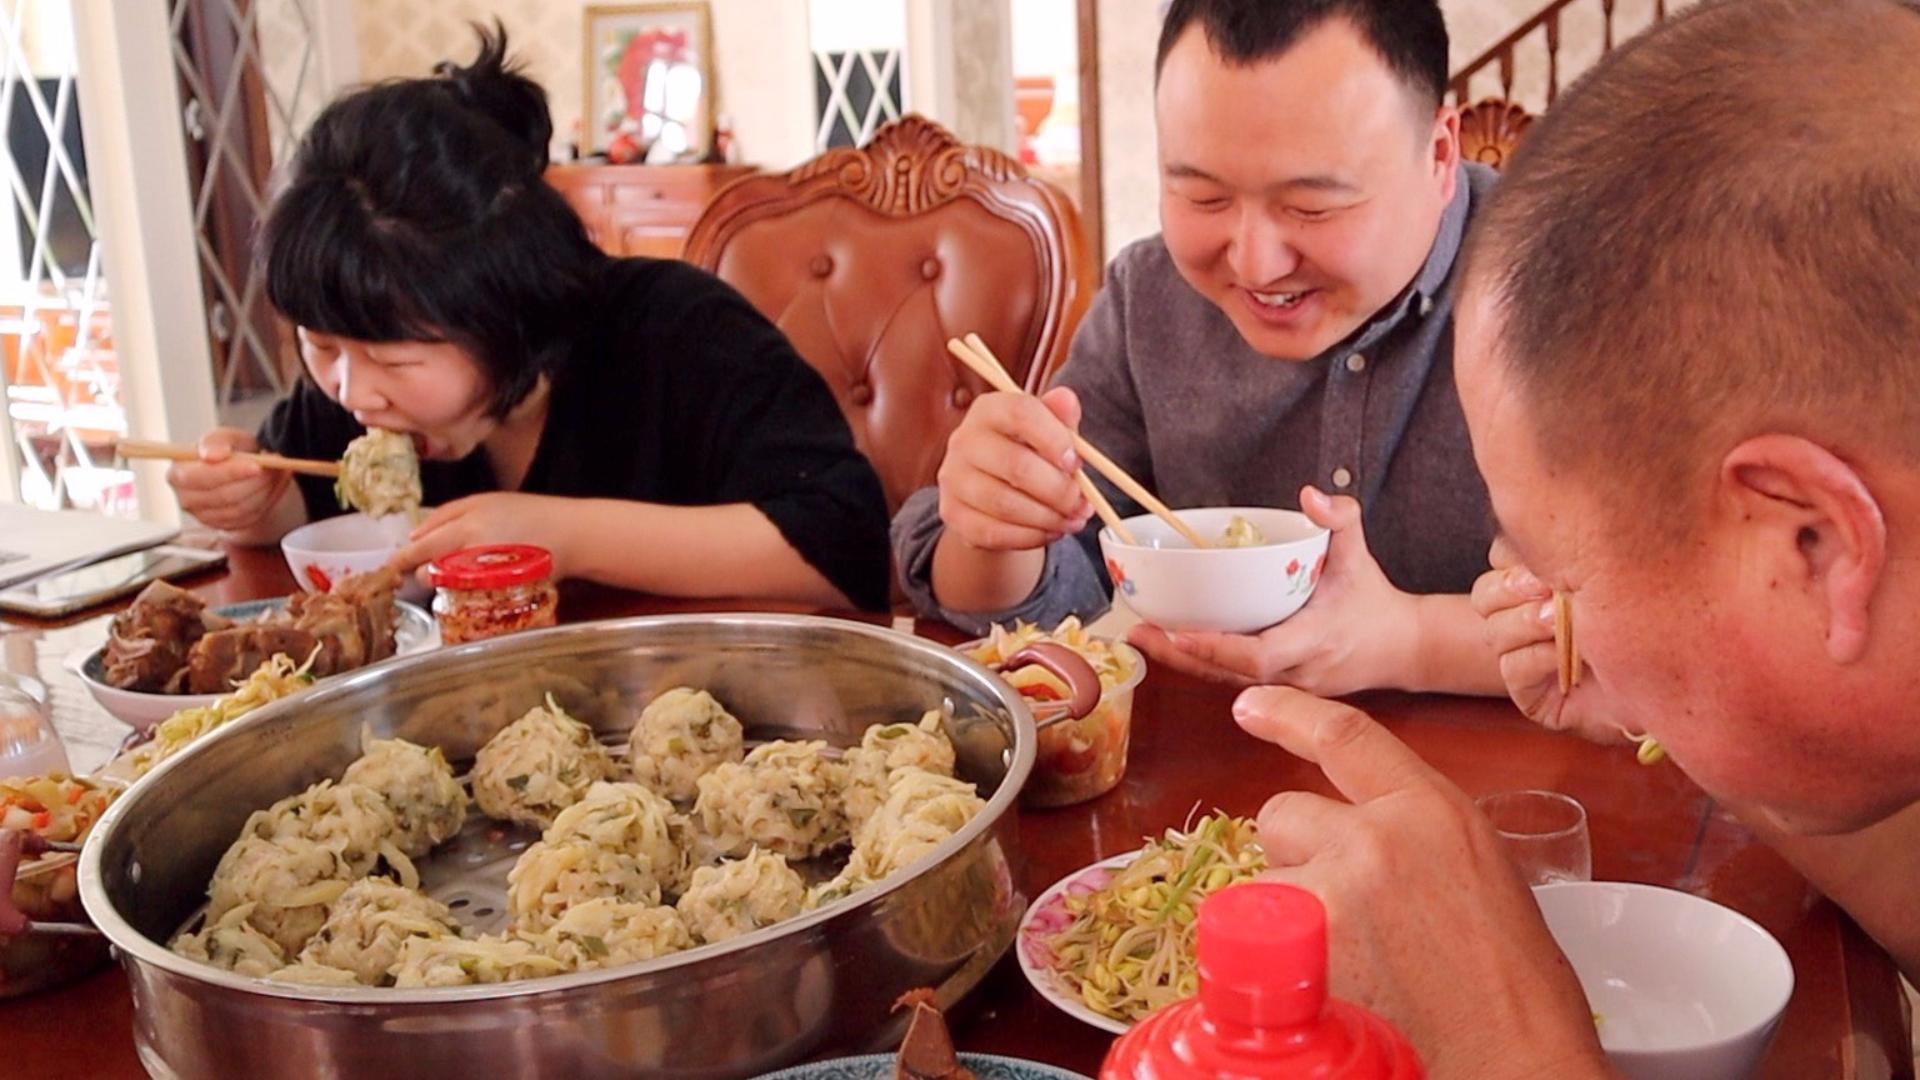 阿强妈妈用土豆做内蒙特色,山野丸子,再卤点脊骨,全家猛吃,爽